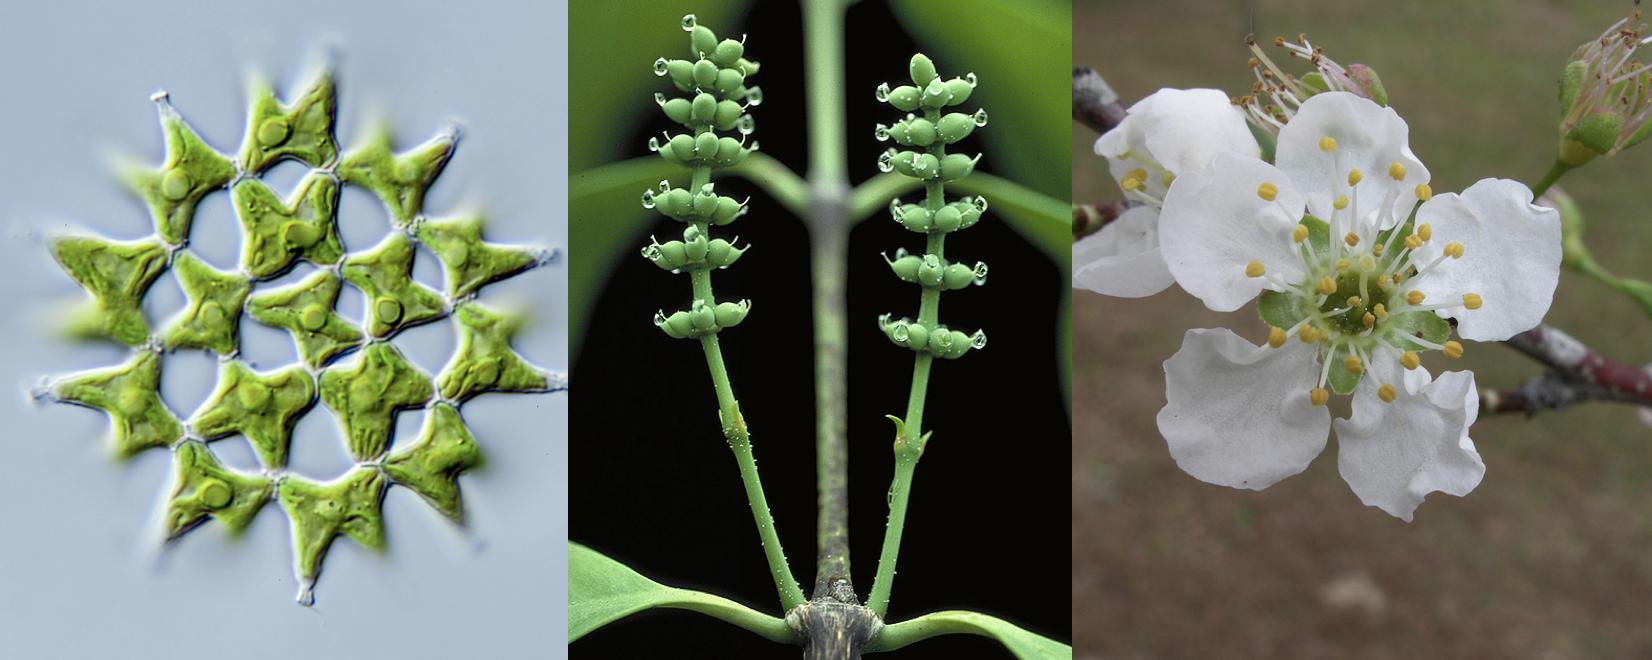 imagen de De izquierda a derecha, alga verde (Lacunastrum gracillimum), conos femeninos de gimnosperma (Gnetum gnemon), y flor de cerezo, (Prunus domestica)./ MICHAEL MELKONIAN/ WALTER S. JUDD